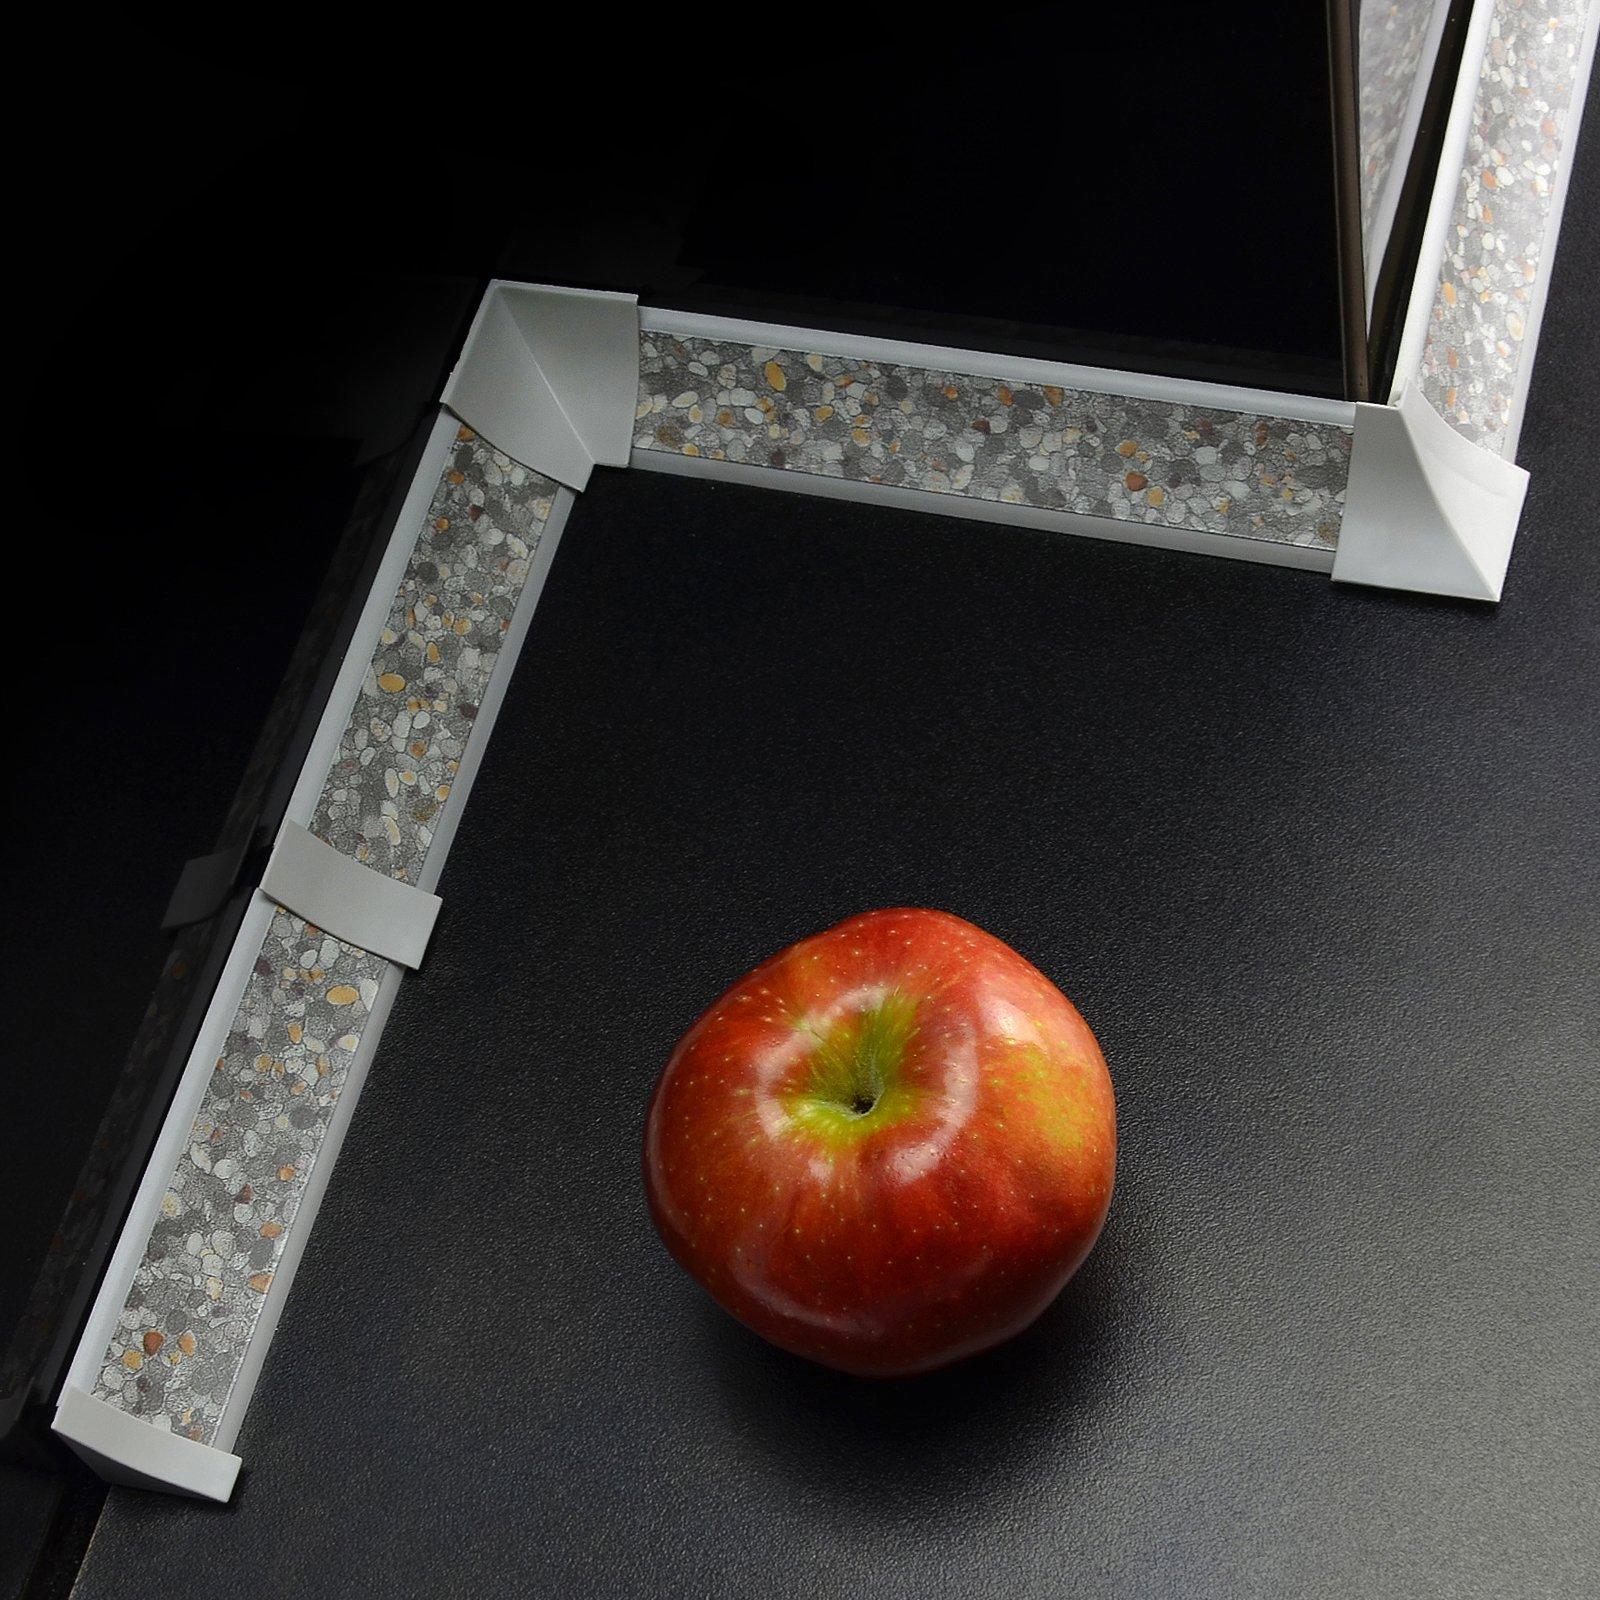 IMPOSTATO 6m (2x3m) 23 mm PVC cucina piano di lavoro bordatura e accessori tagliare viti gratuiti co